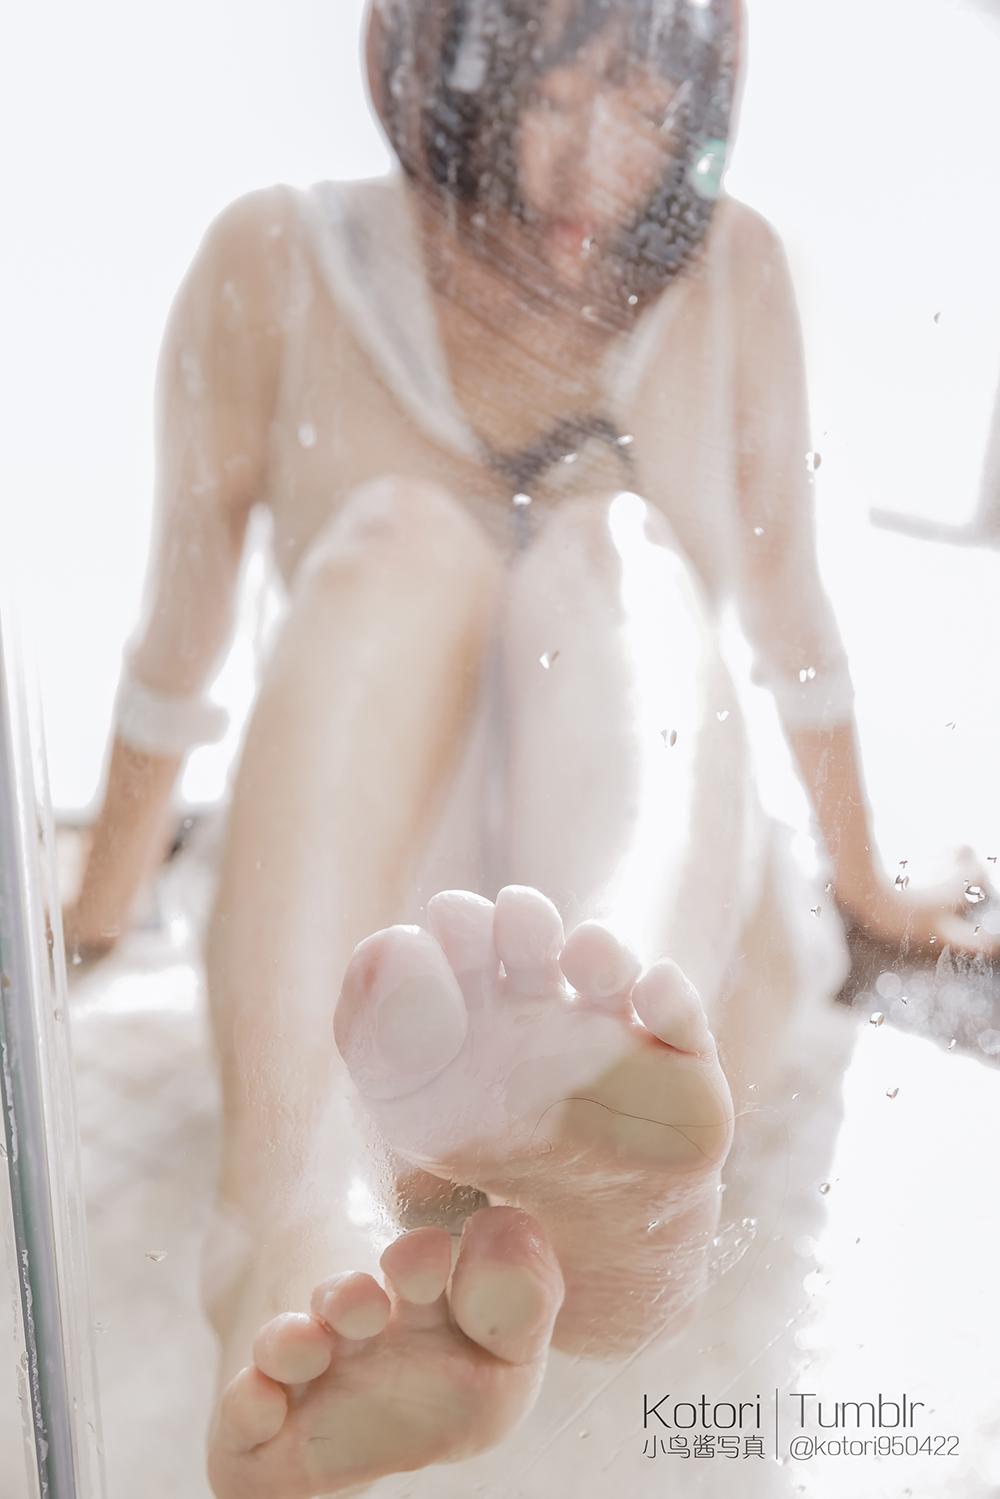 8o9uBD - Cosplay girl Tumblr PR社 福利姬 小鸟酱 透明薄纱装